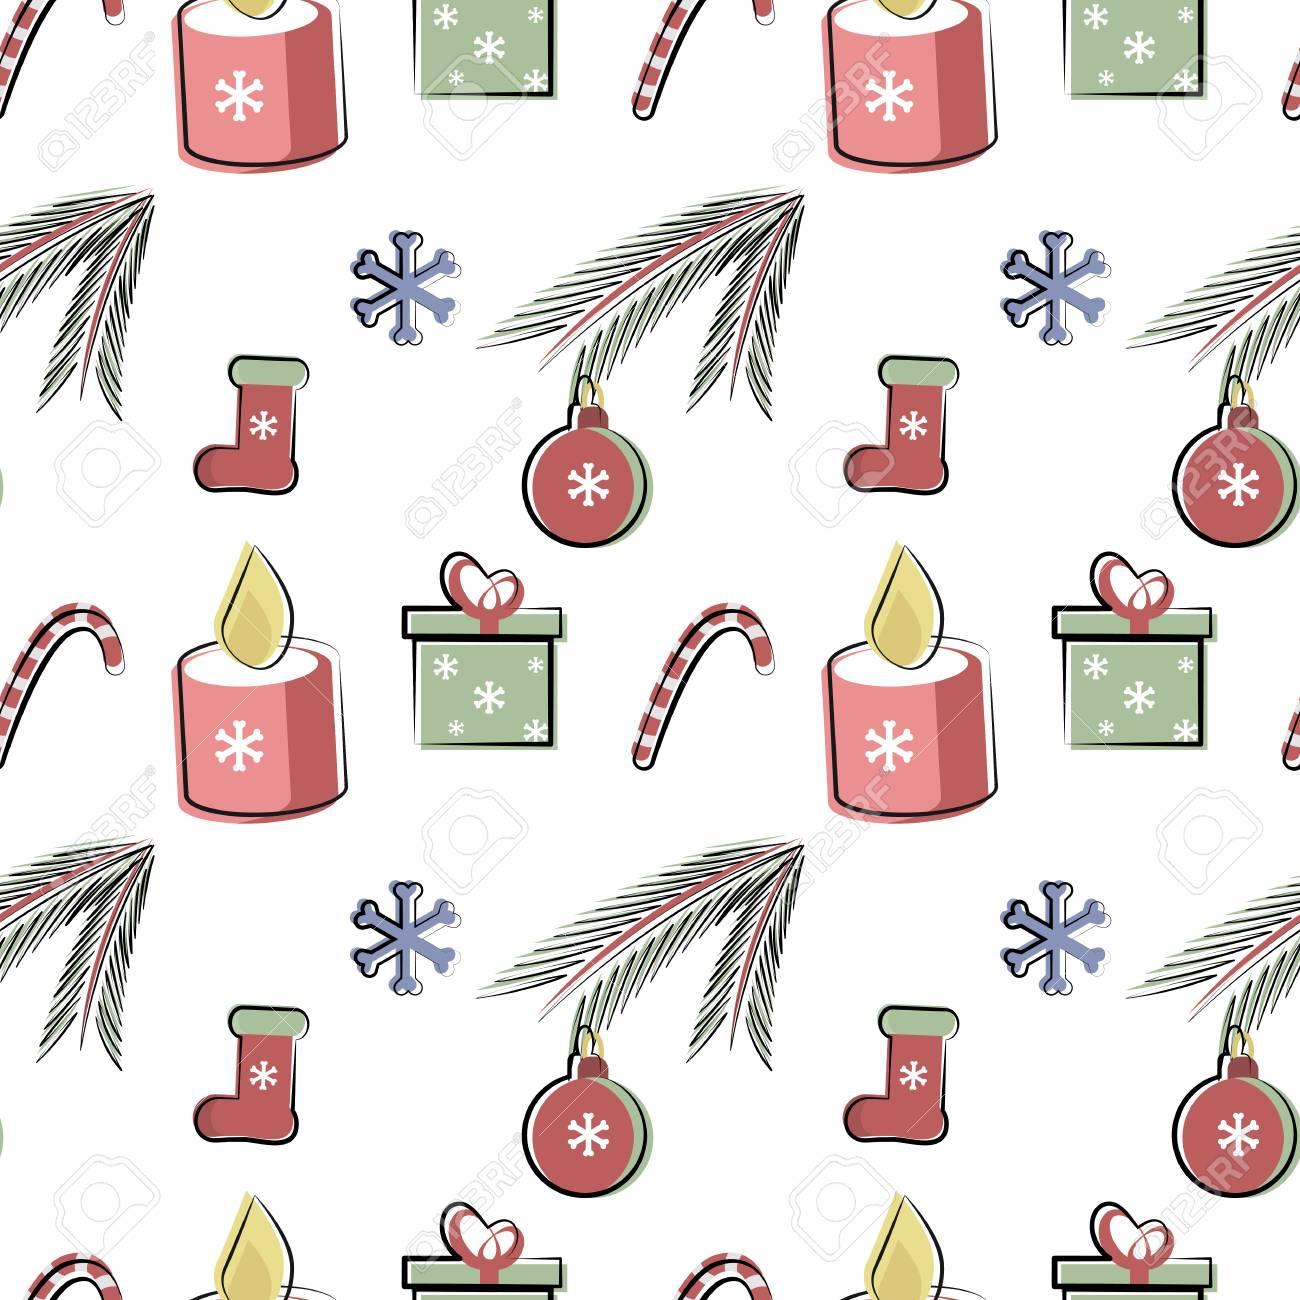 白の背景にベクトル簡単な冬パターン壁紙包装紙繊維に使用されます